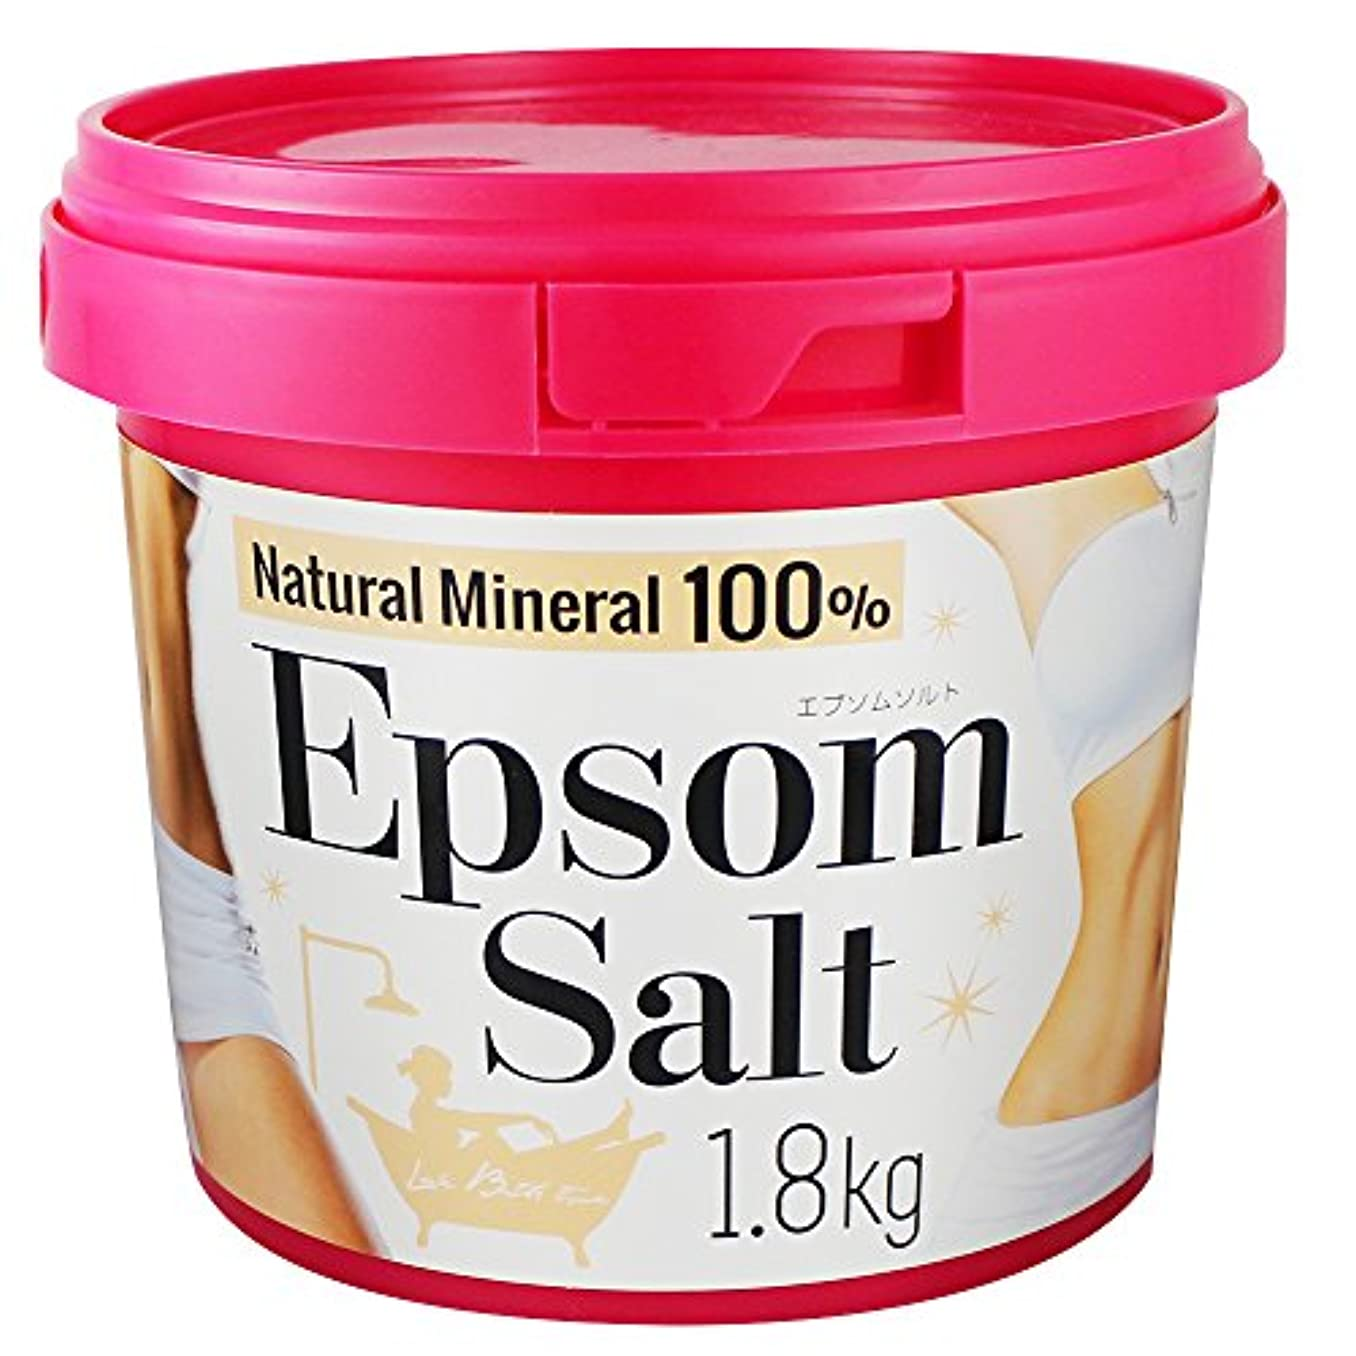 鎮痛剤治安判事粘着性エプソムソルト バケツ入りバスソルト 1.8kg